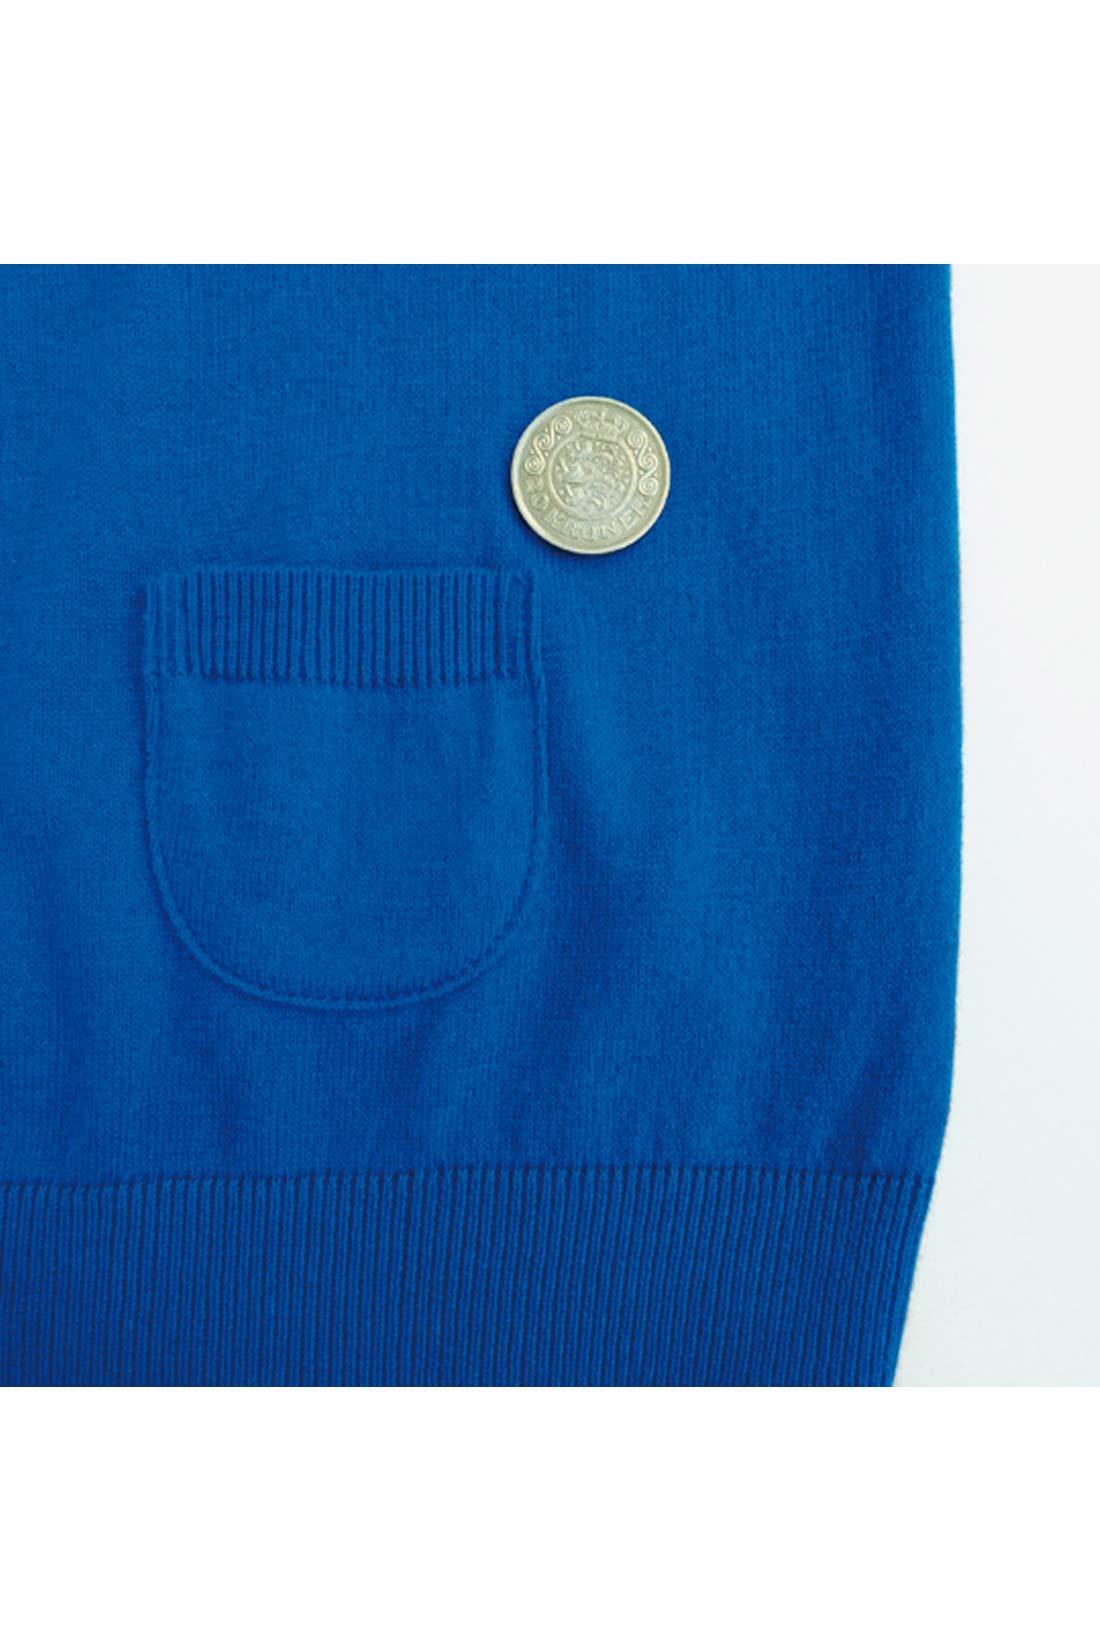 【ポケットは。】前にも後ろにも付いていますが、本当に本当に小さいよ。 ※お届けするカラーとは異なります。